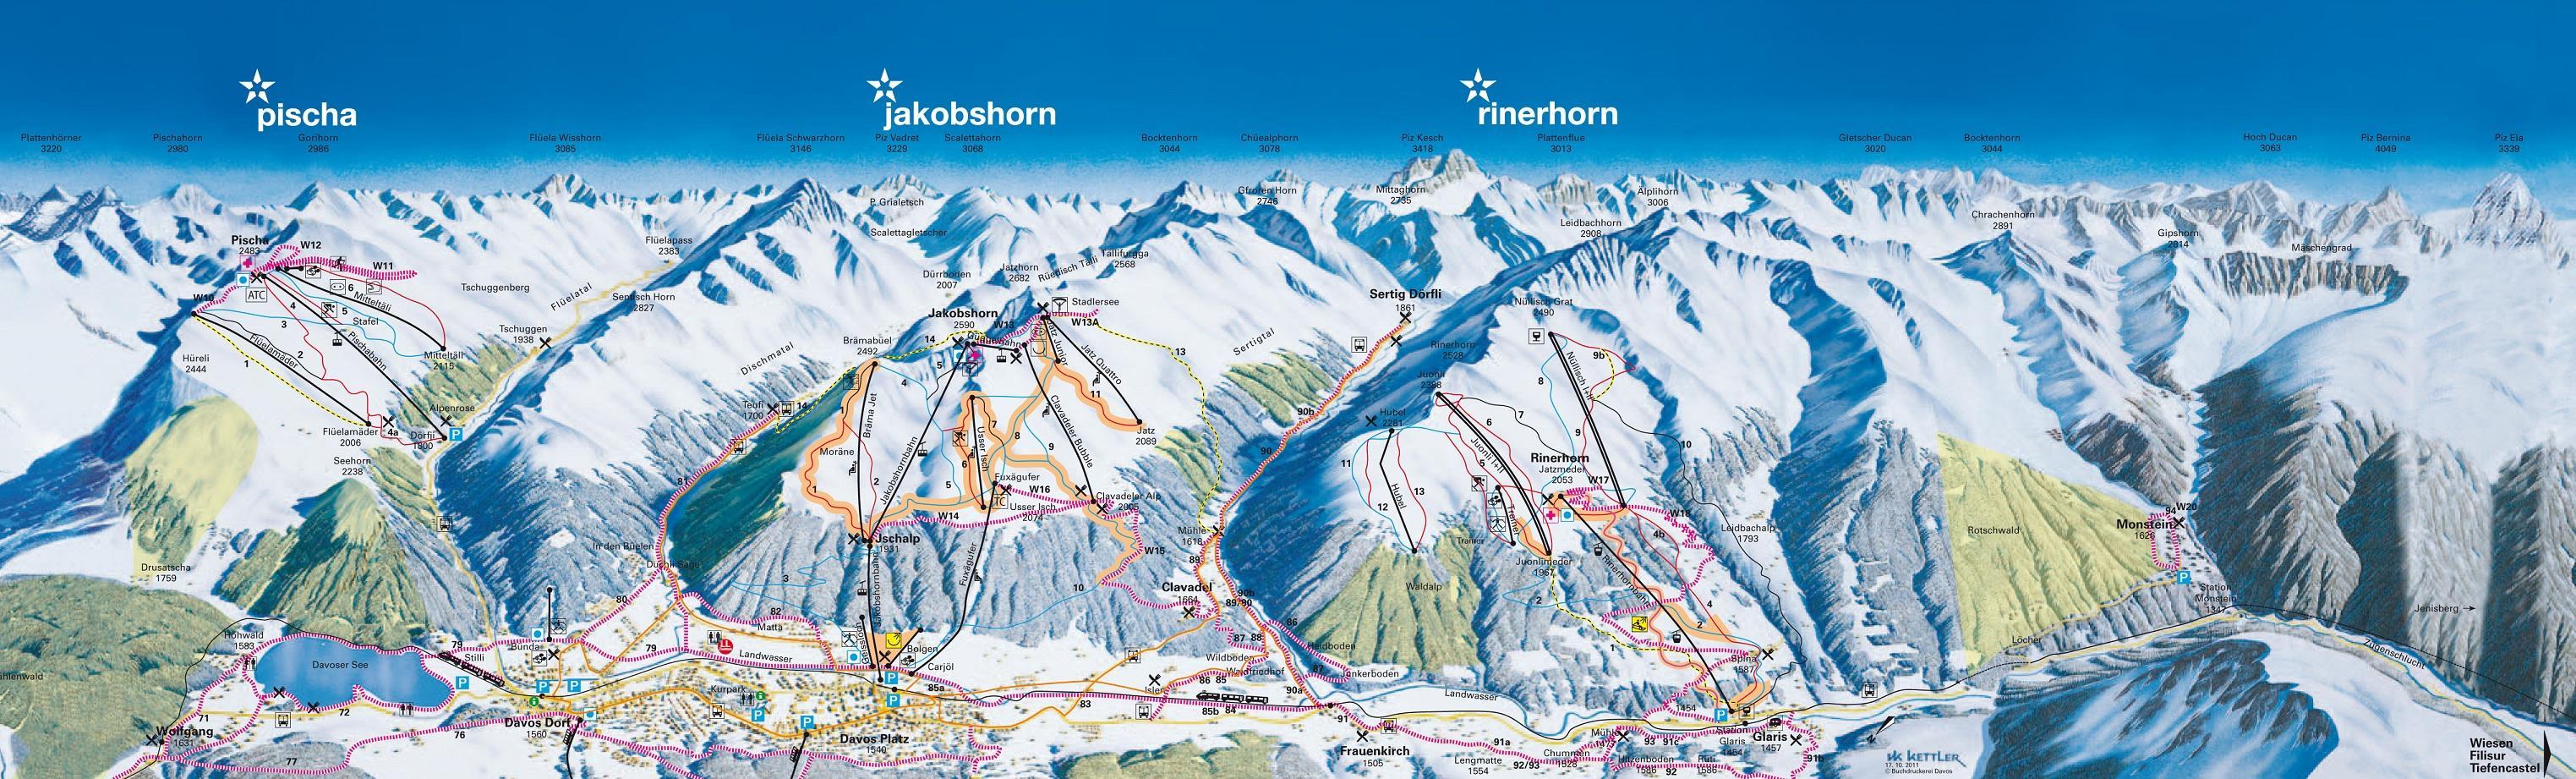 davos_ski_map